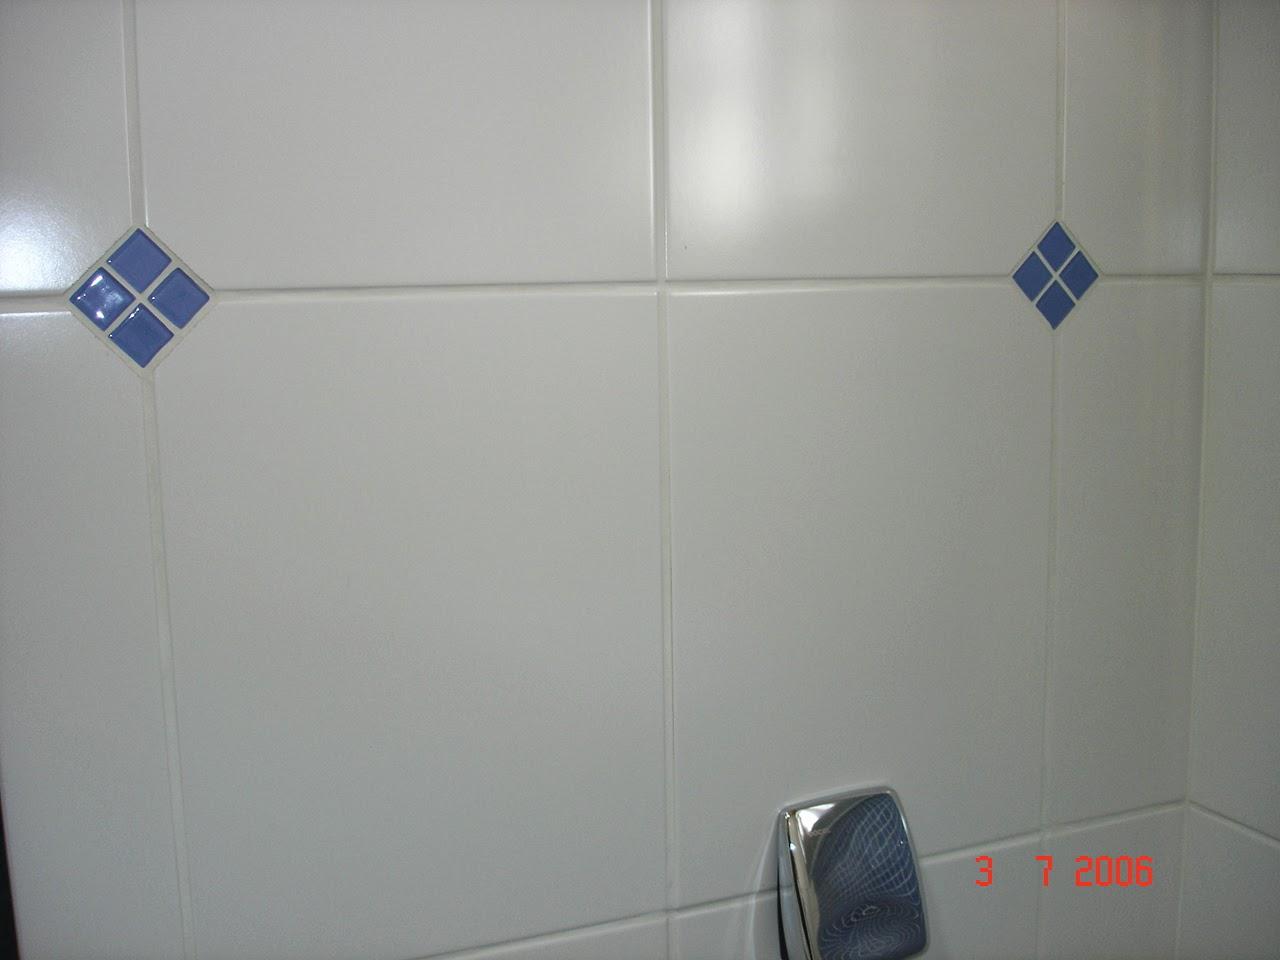 Studio Ceramico: Obra: Banheiro branco com pastilha azul #9D392E 1280x960 Banheiro Branco Com Rejunte Azul